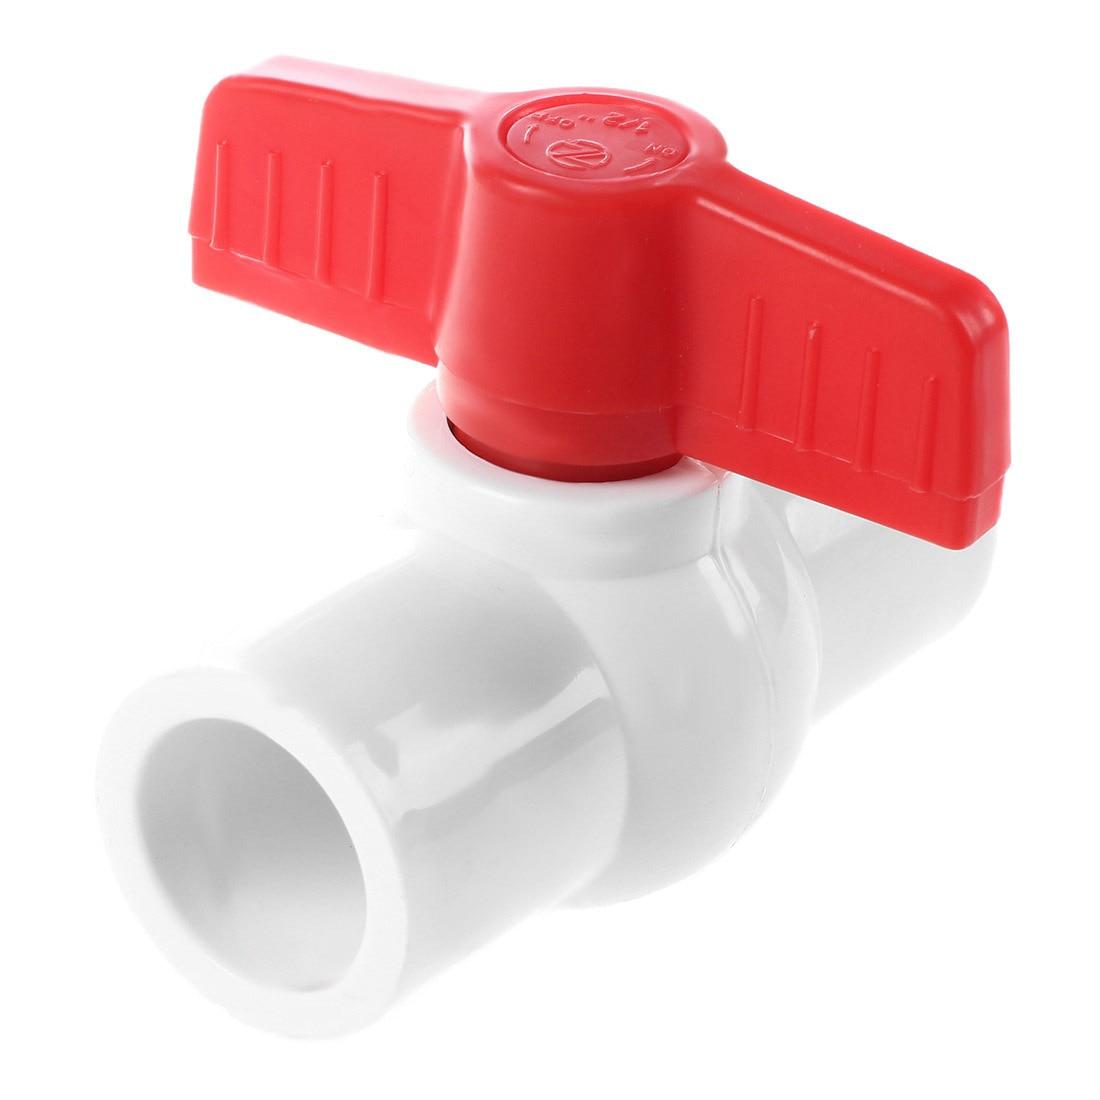 20mm X 20mm Slip Plumbing T Handle Full Port PVC-U Ball Valve White+red